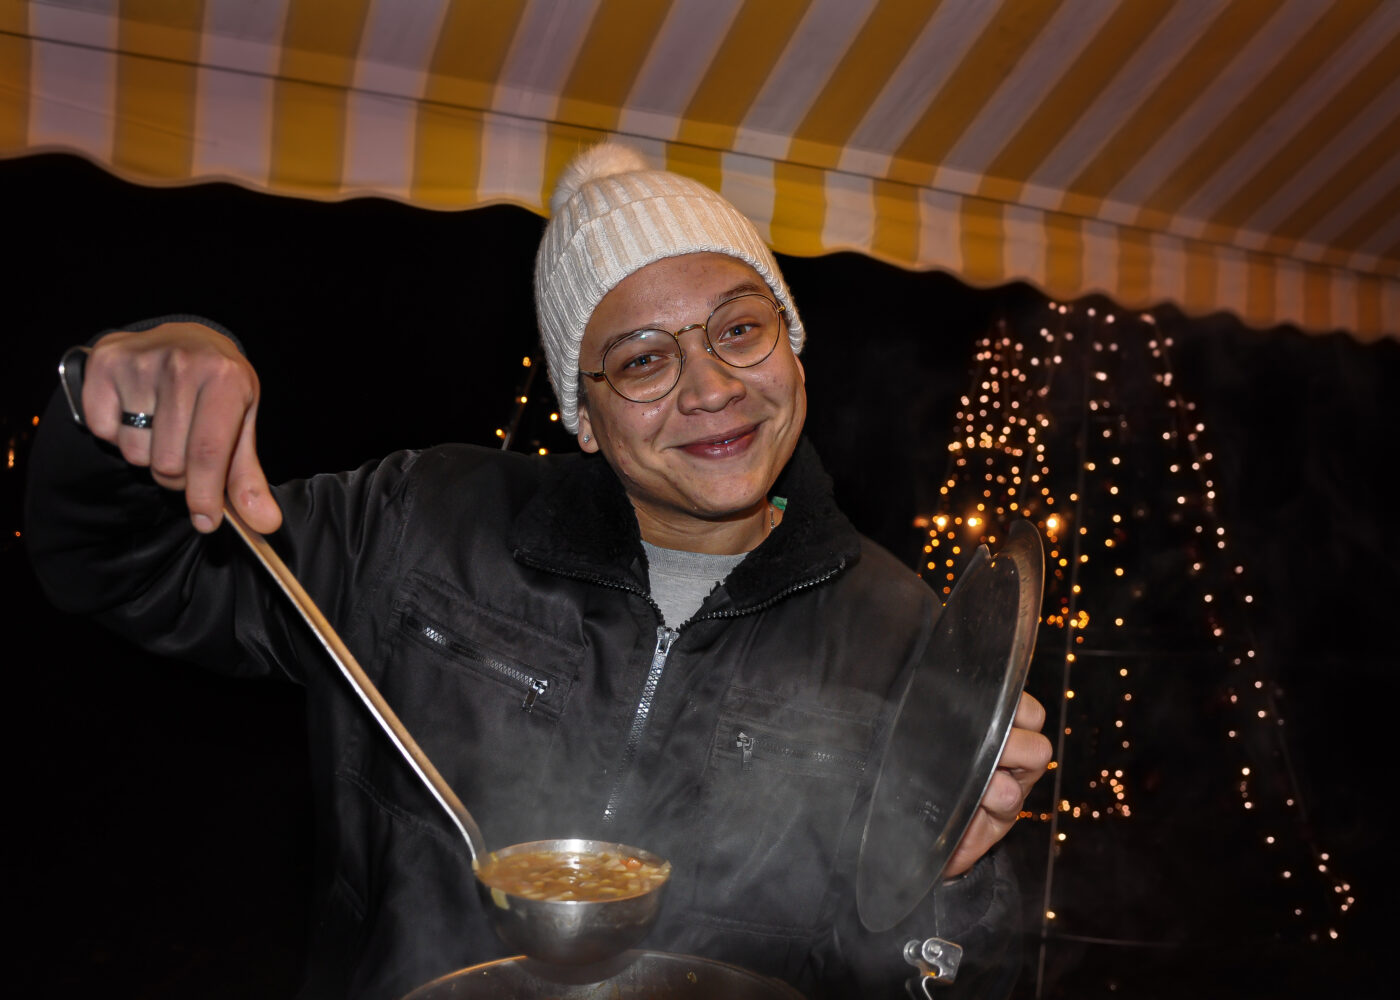 s'Loch Glüahwii und Charity - Marcos Sousa mit Suppe